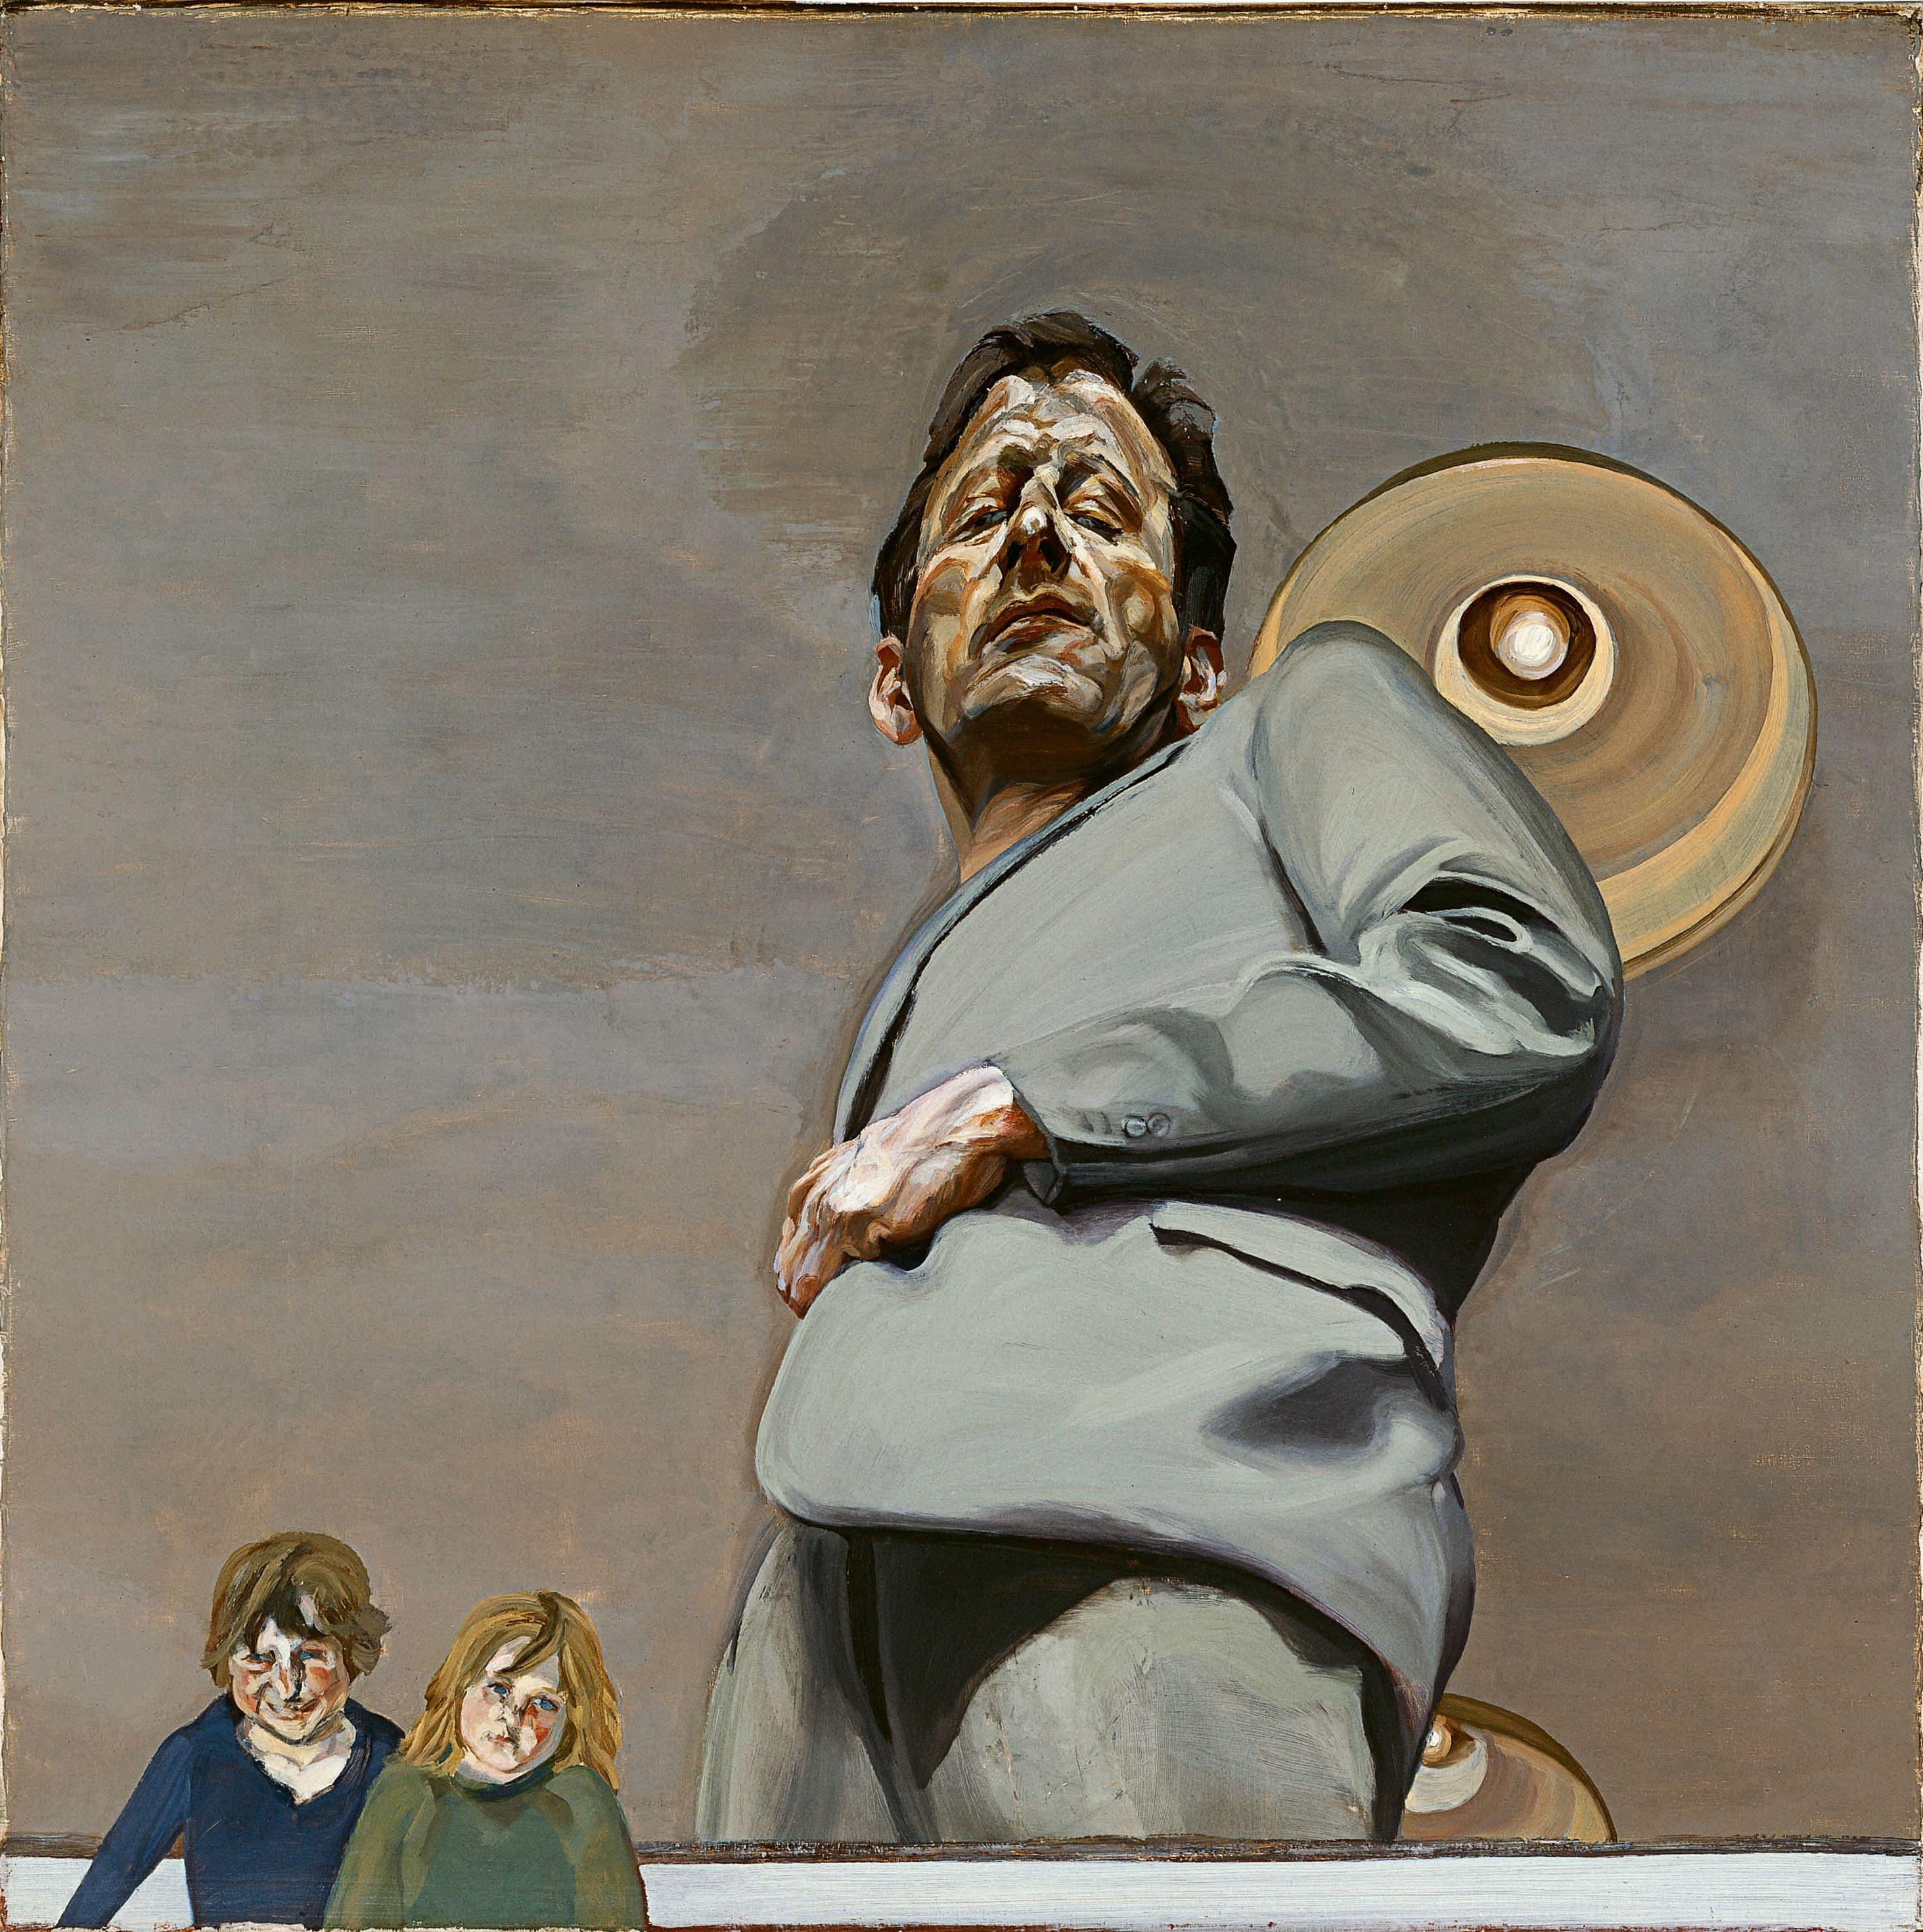 """Exposición """"Autorretratos. El artista y su imagen"""", en el Museo Thyssen-Bornemisza"""